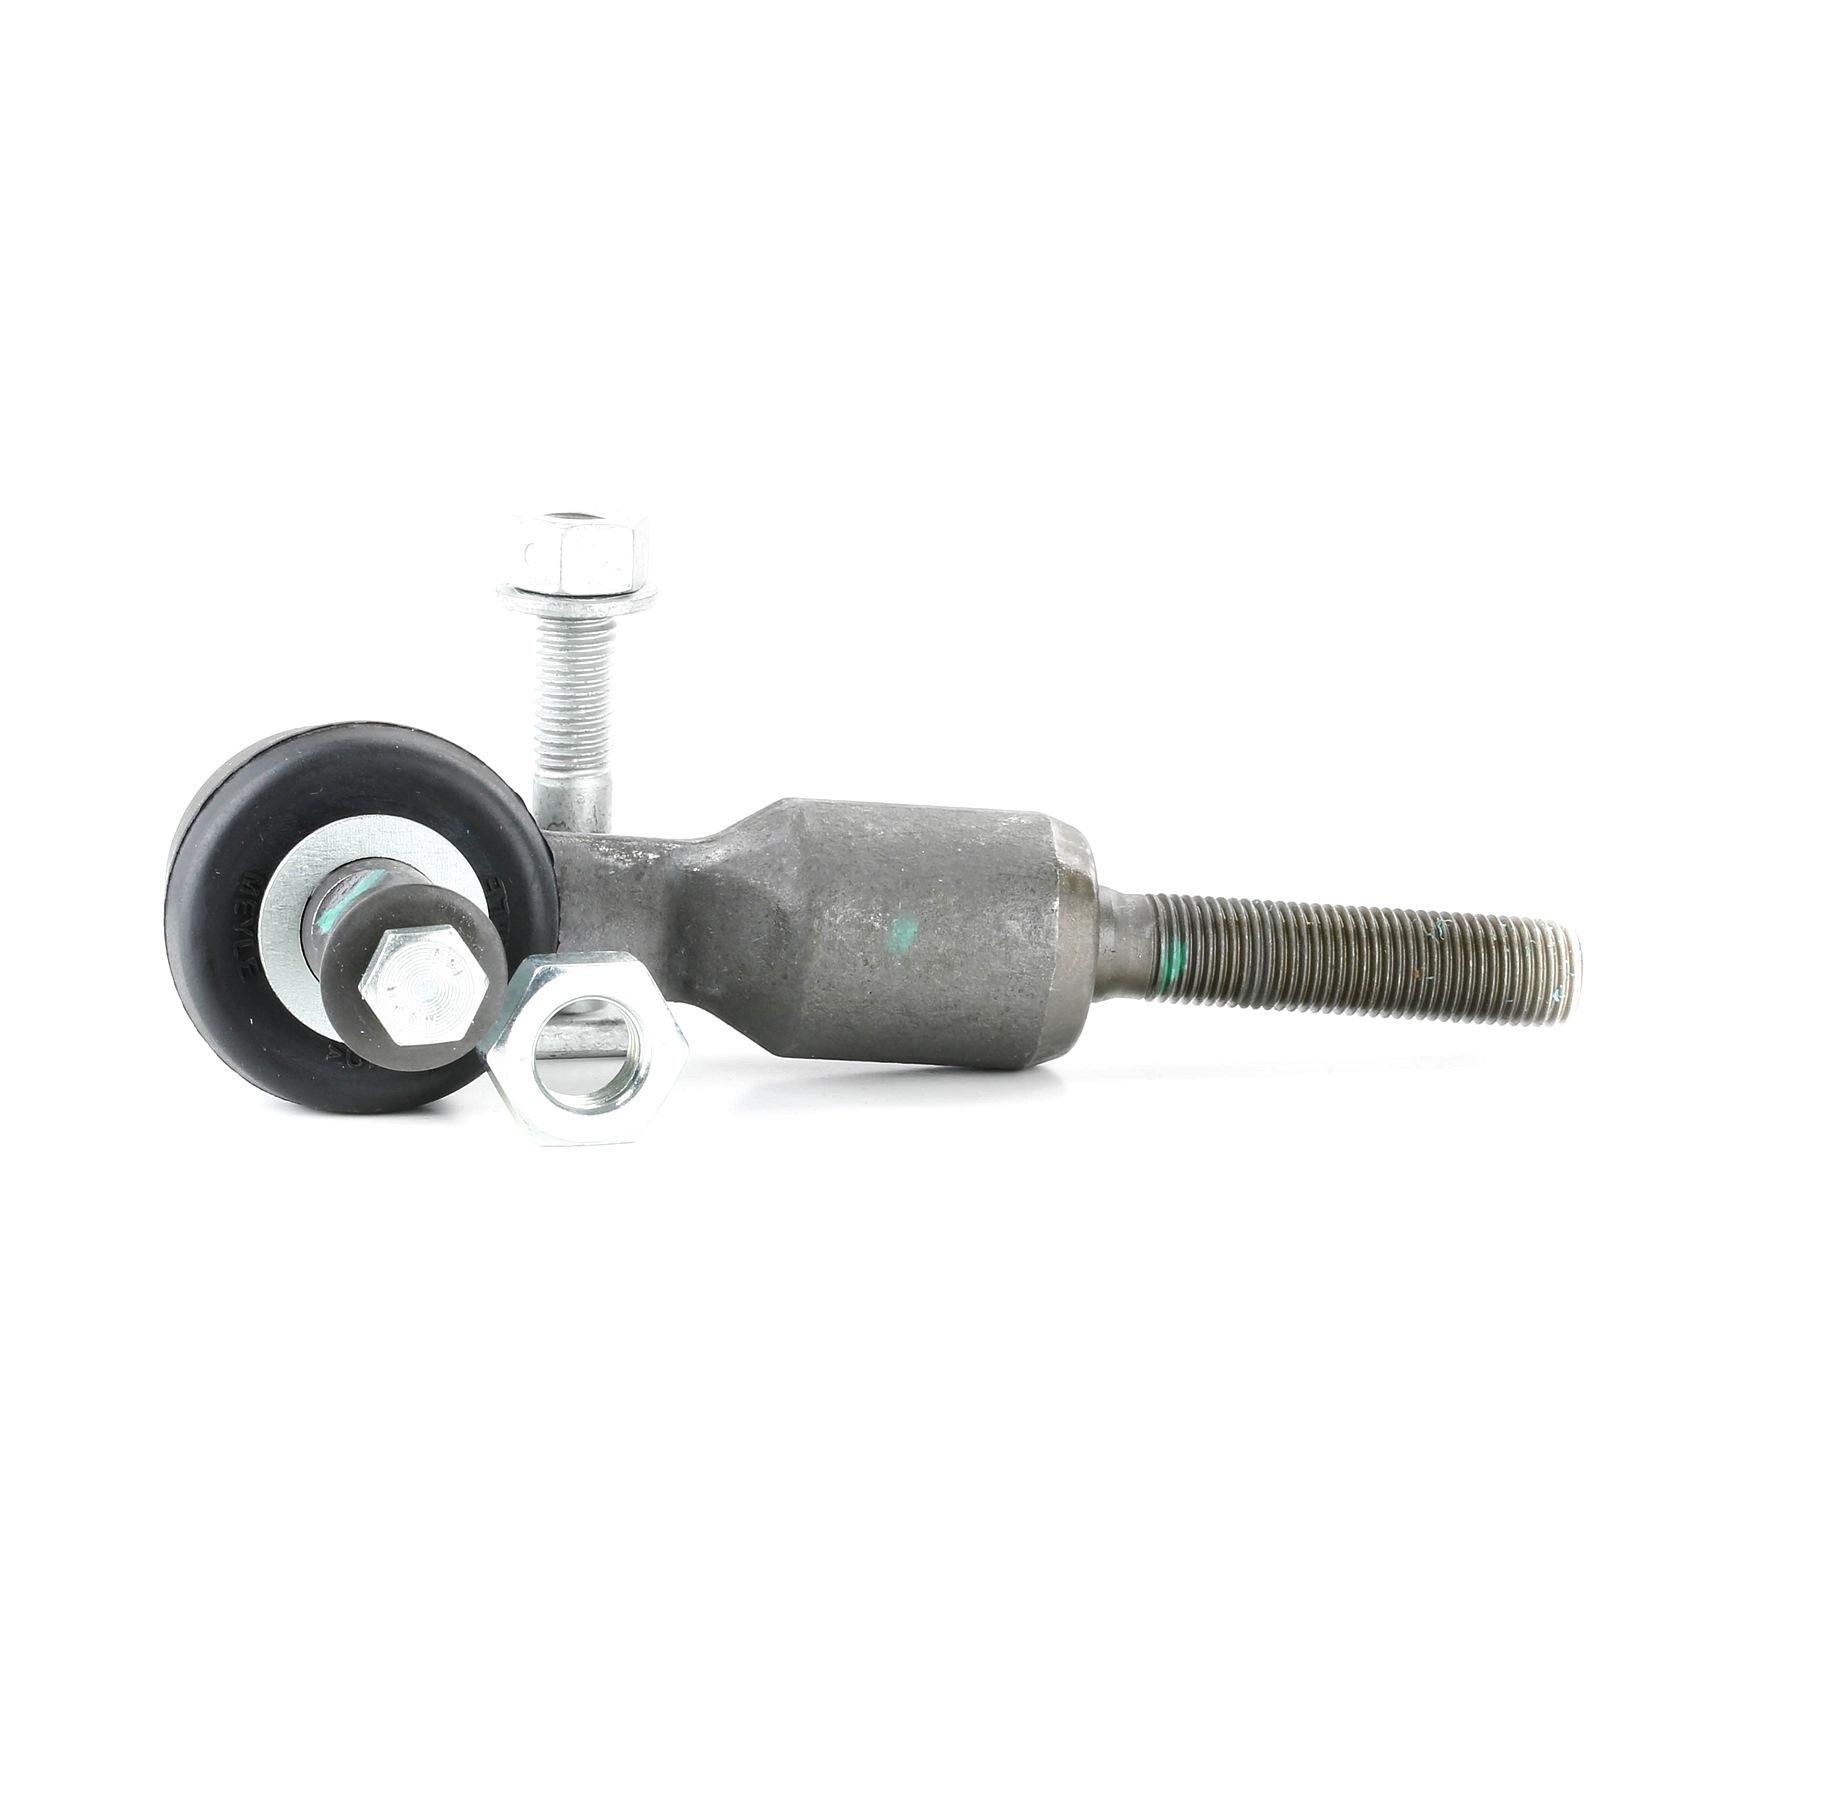 Vesz MTE0158HD MEYLE Quality, Első tengely bal, Első tengely jobb Vezetőkar fej 116 020 8228/HD alacsony áron